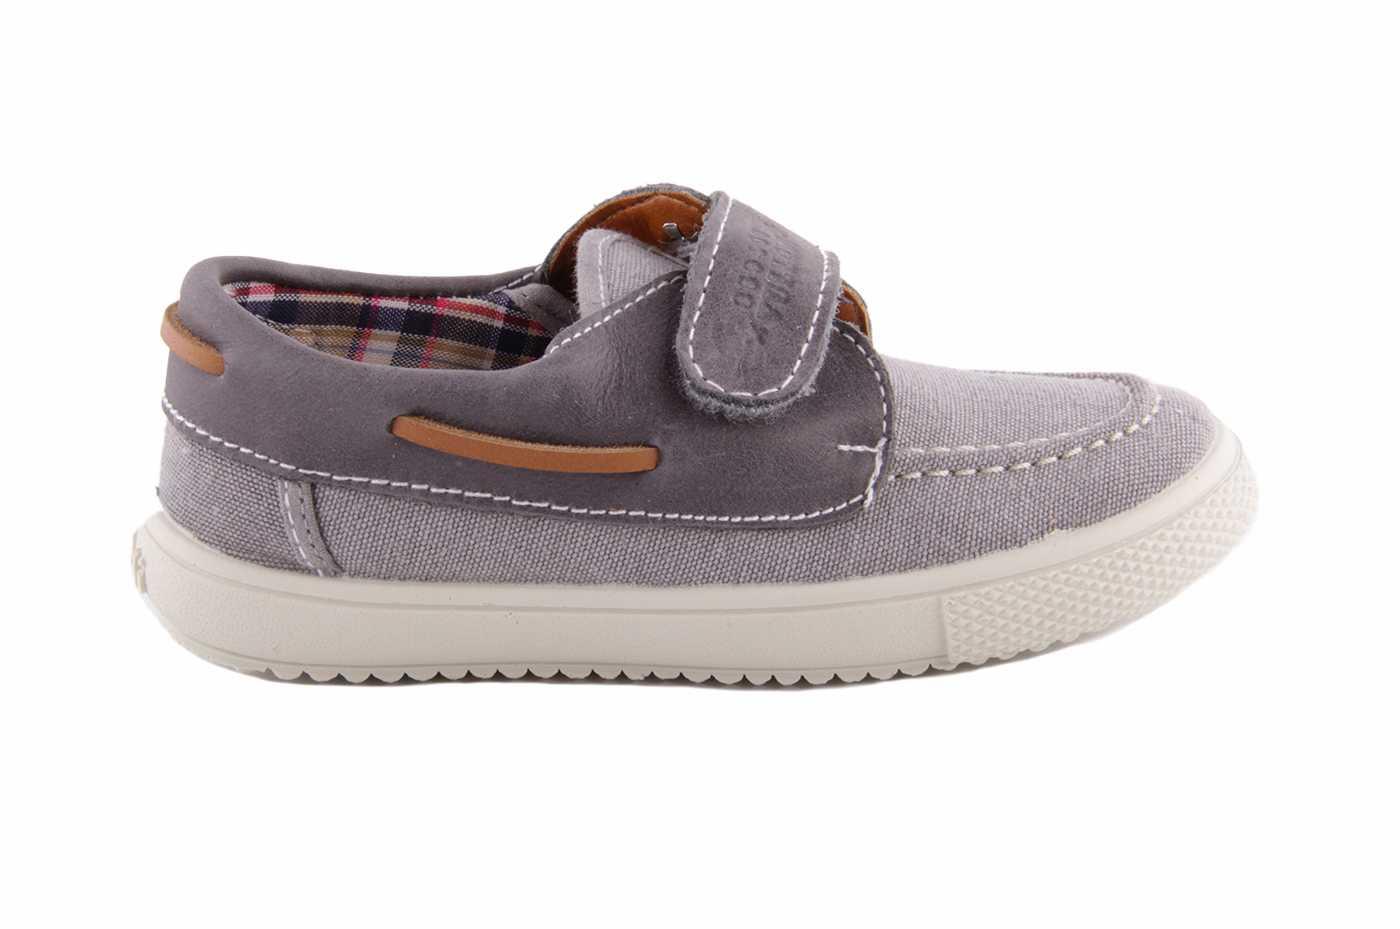 027496e8376a7 Comprar zapato tipo JOVEN NIÑO estilo LONA COLOR GRIS TEXTIL ...